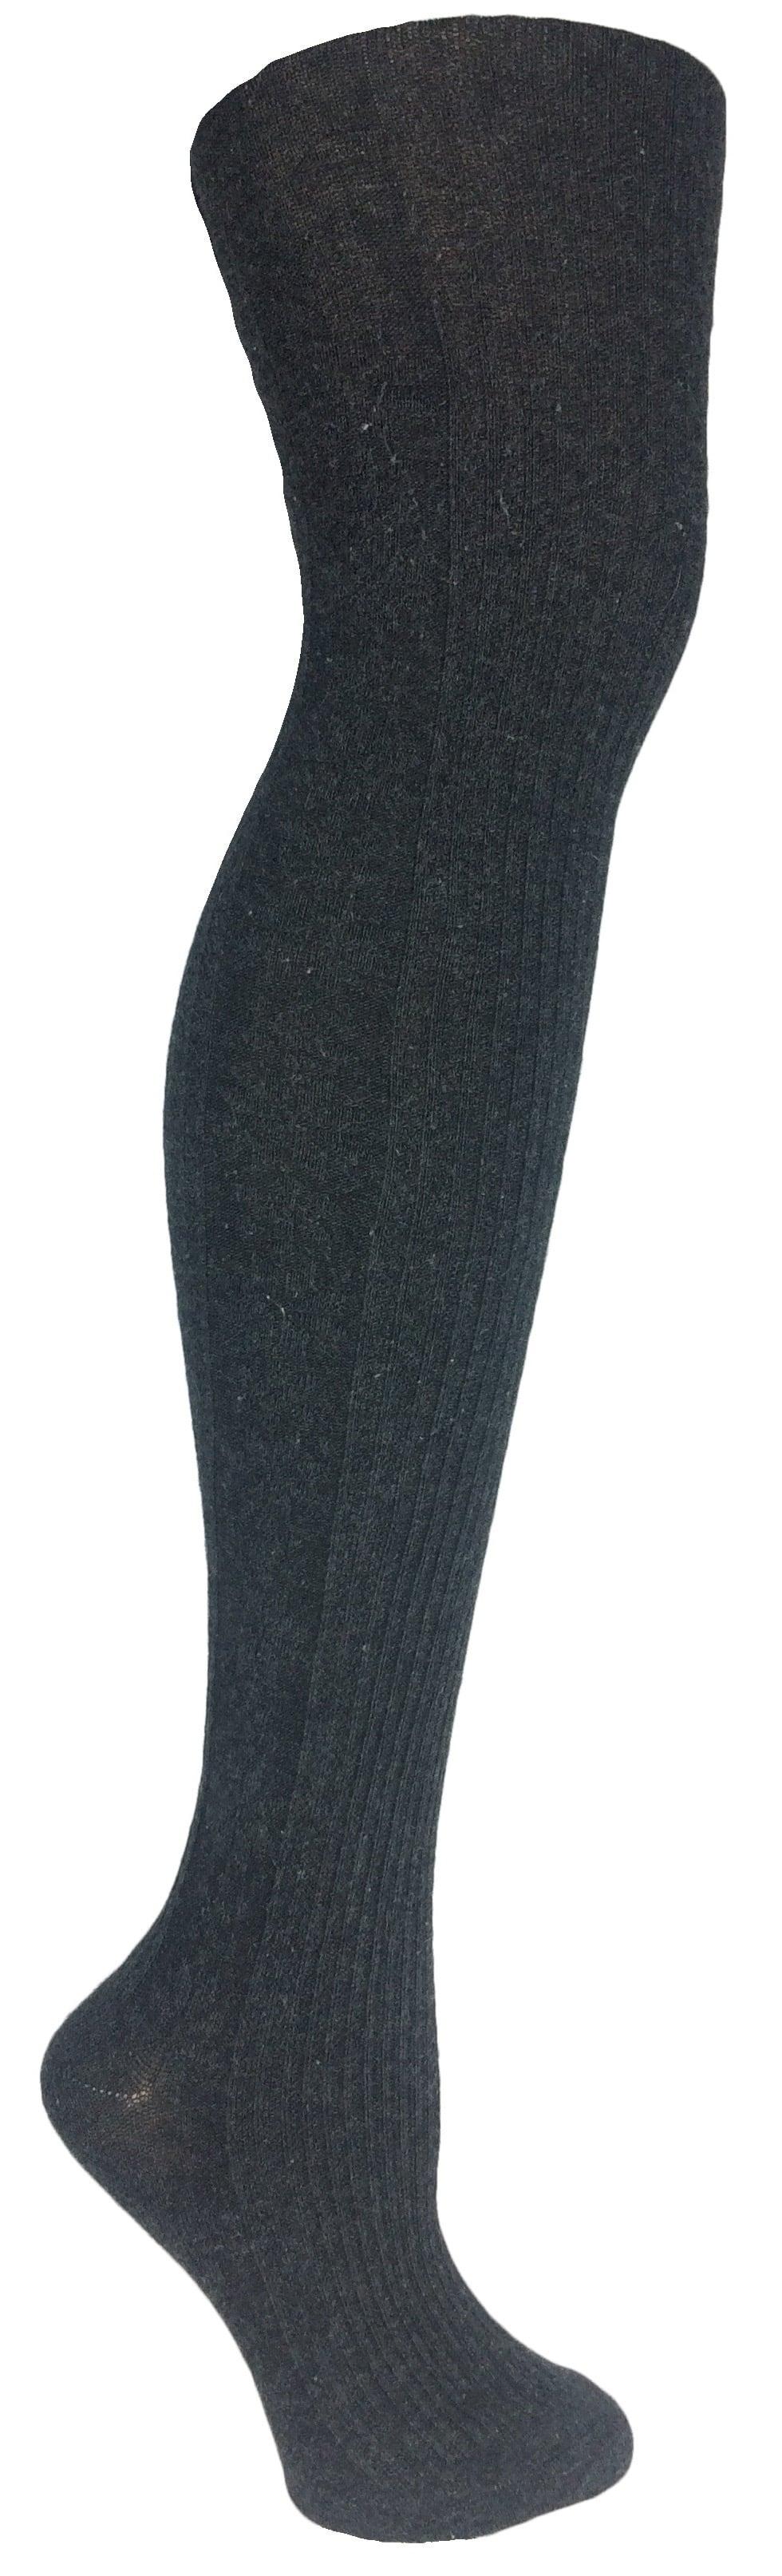 tights.jpg